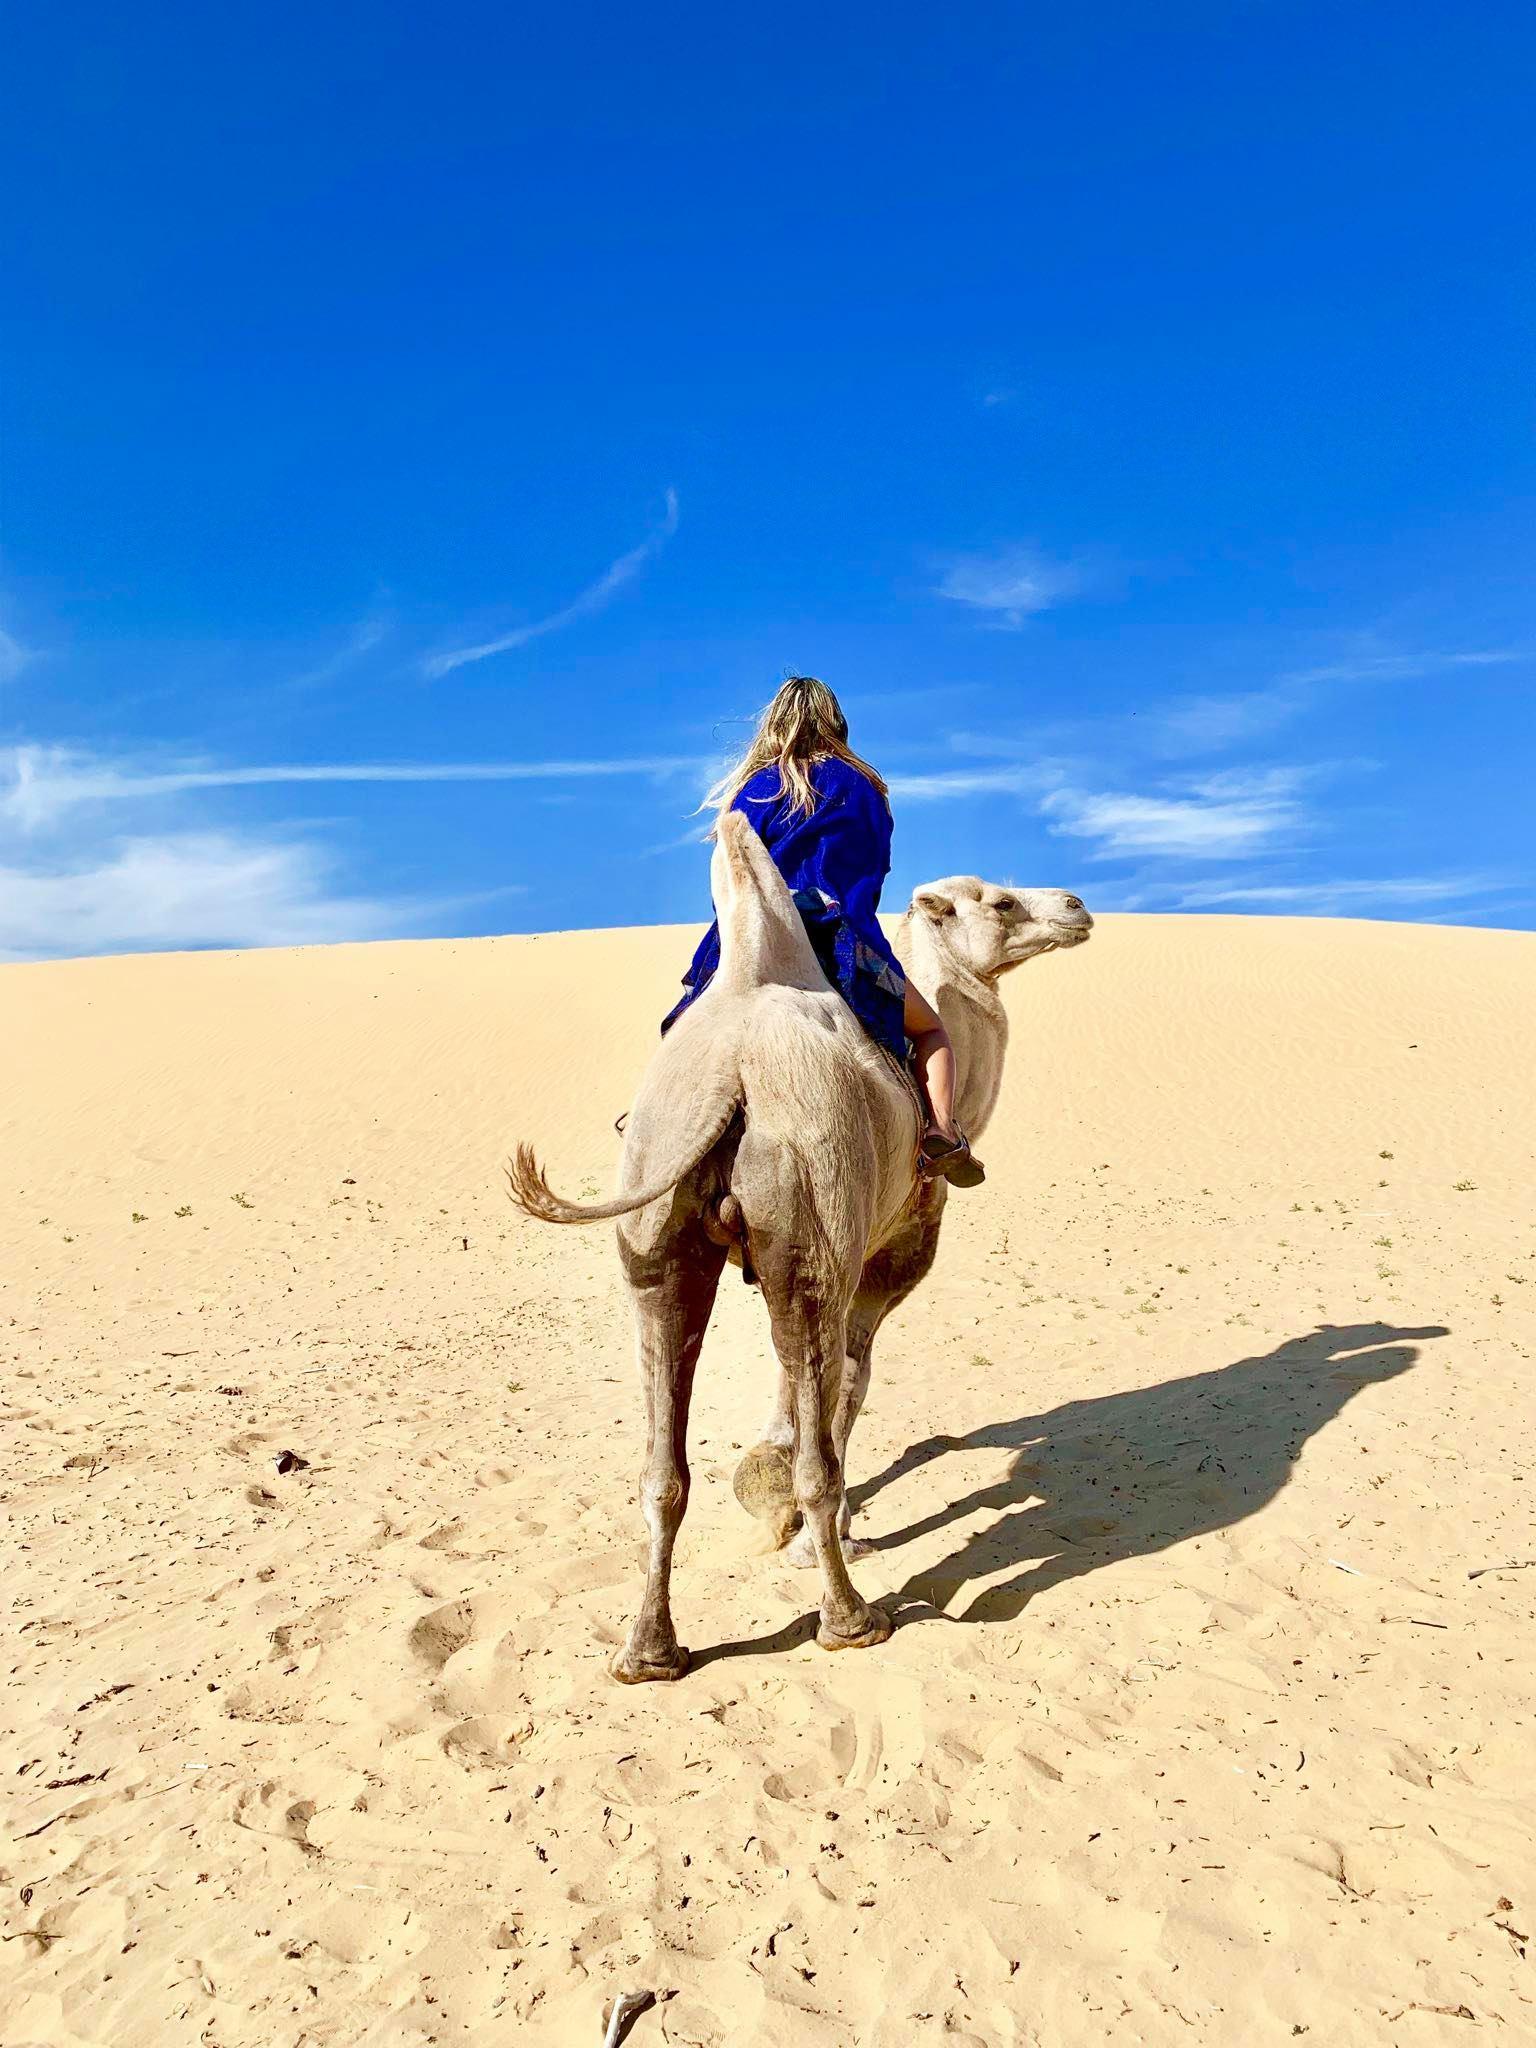 Kach Solo Travels in 2019 Nomadic family in Elsen Tasarkhai8.jpg